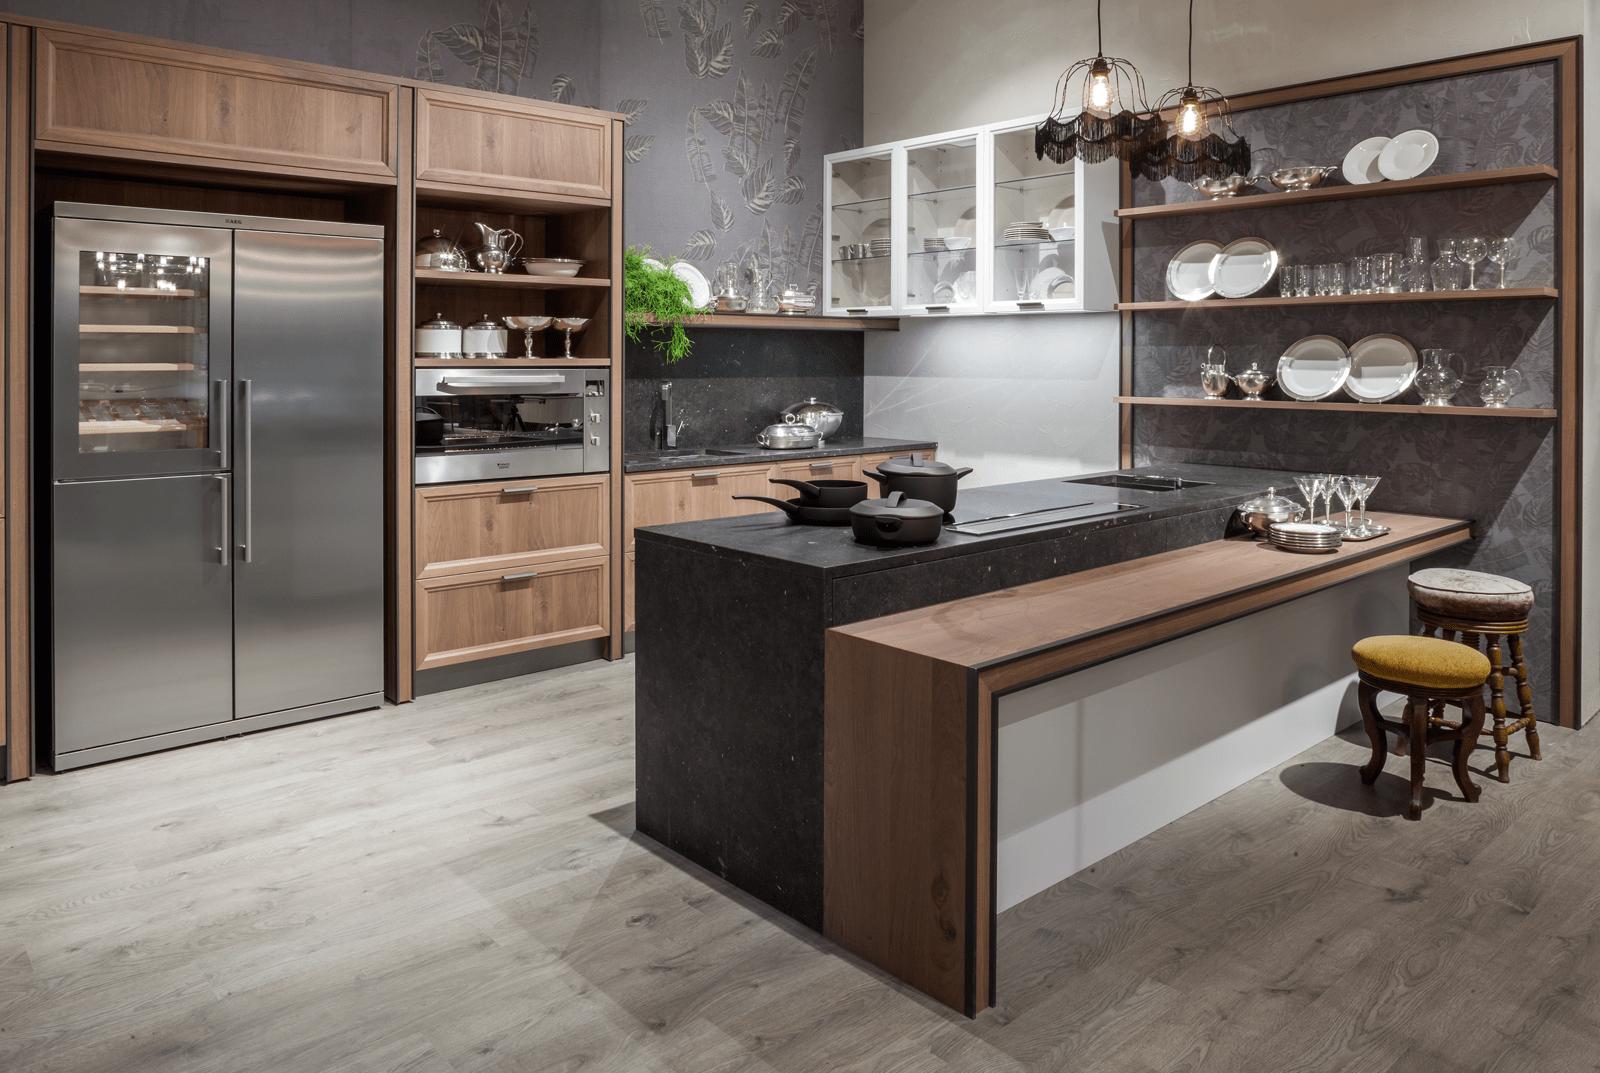 Boiserie attrezzate per le cucine cose di casa for Catalogo cucine